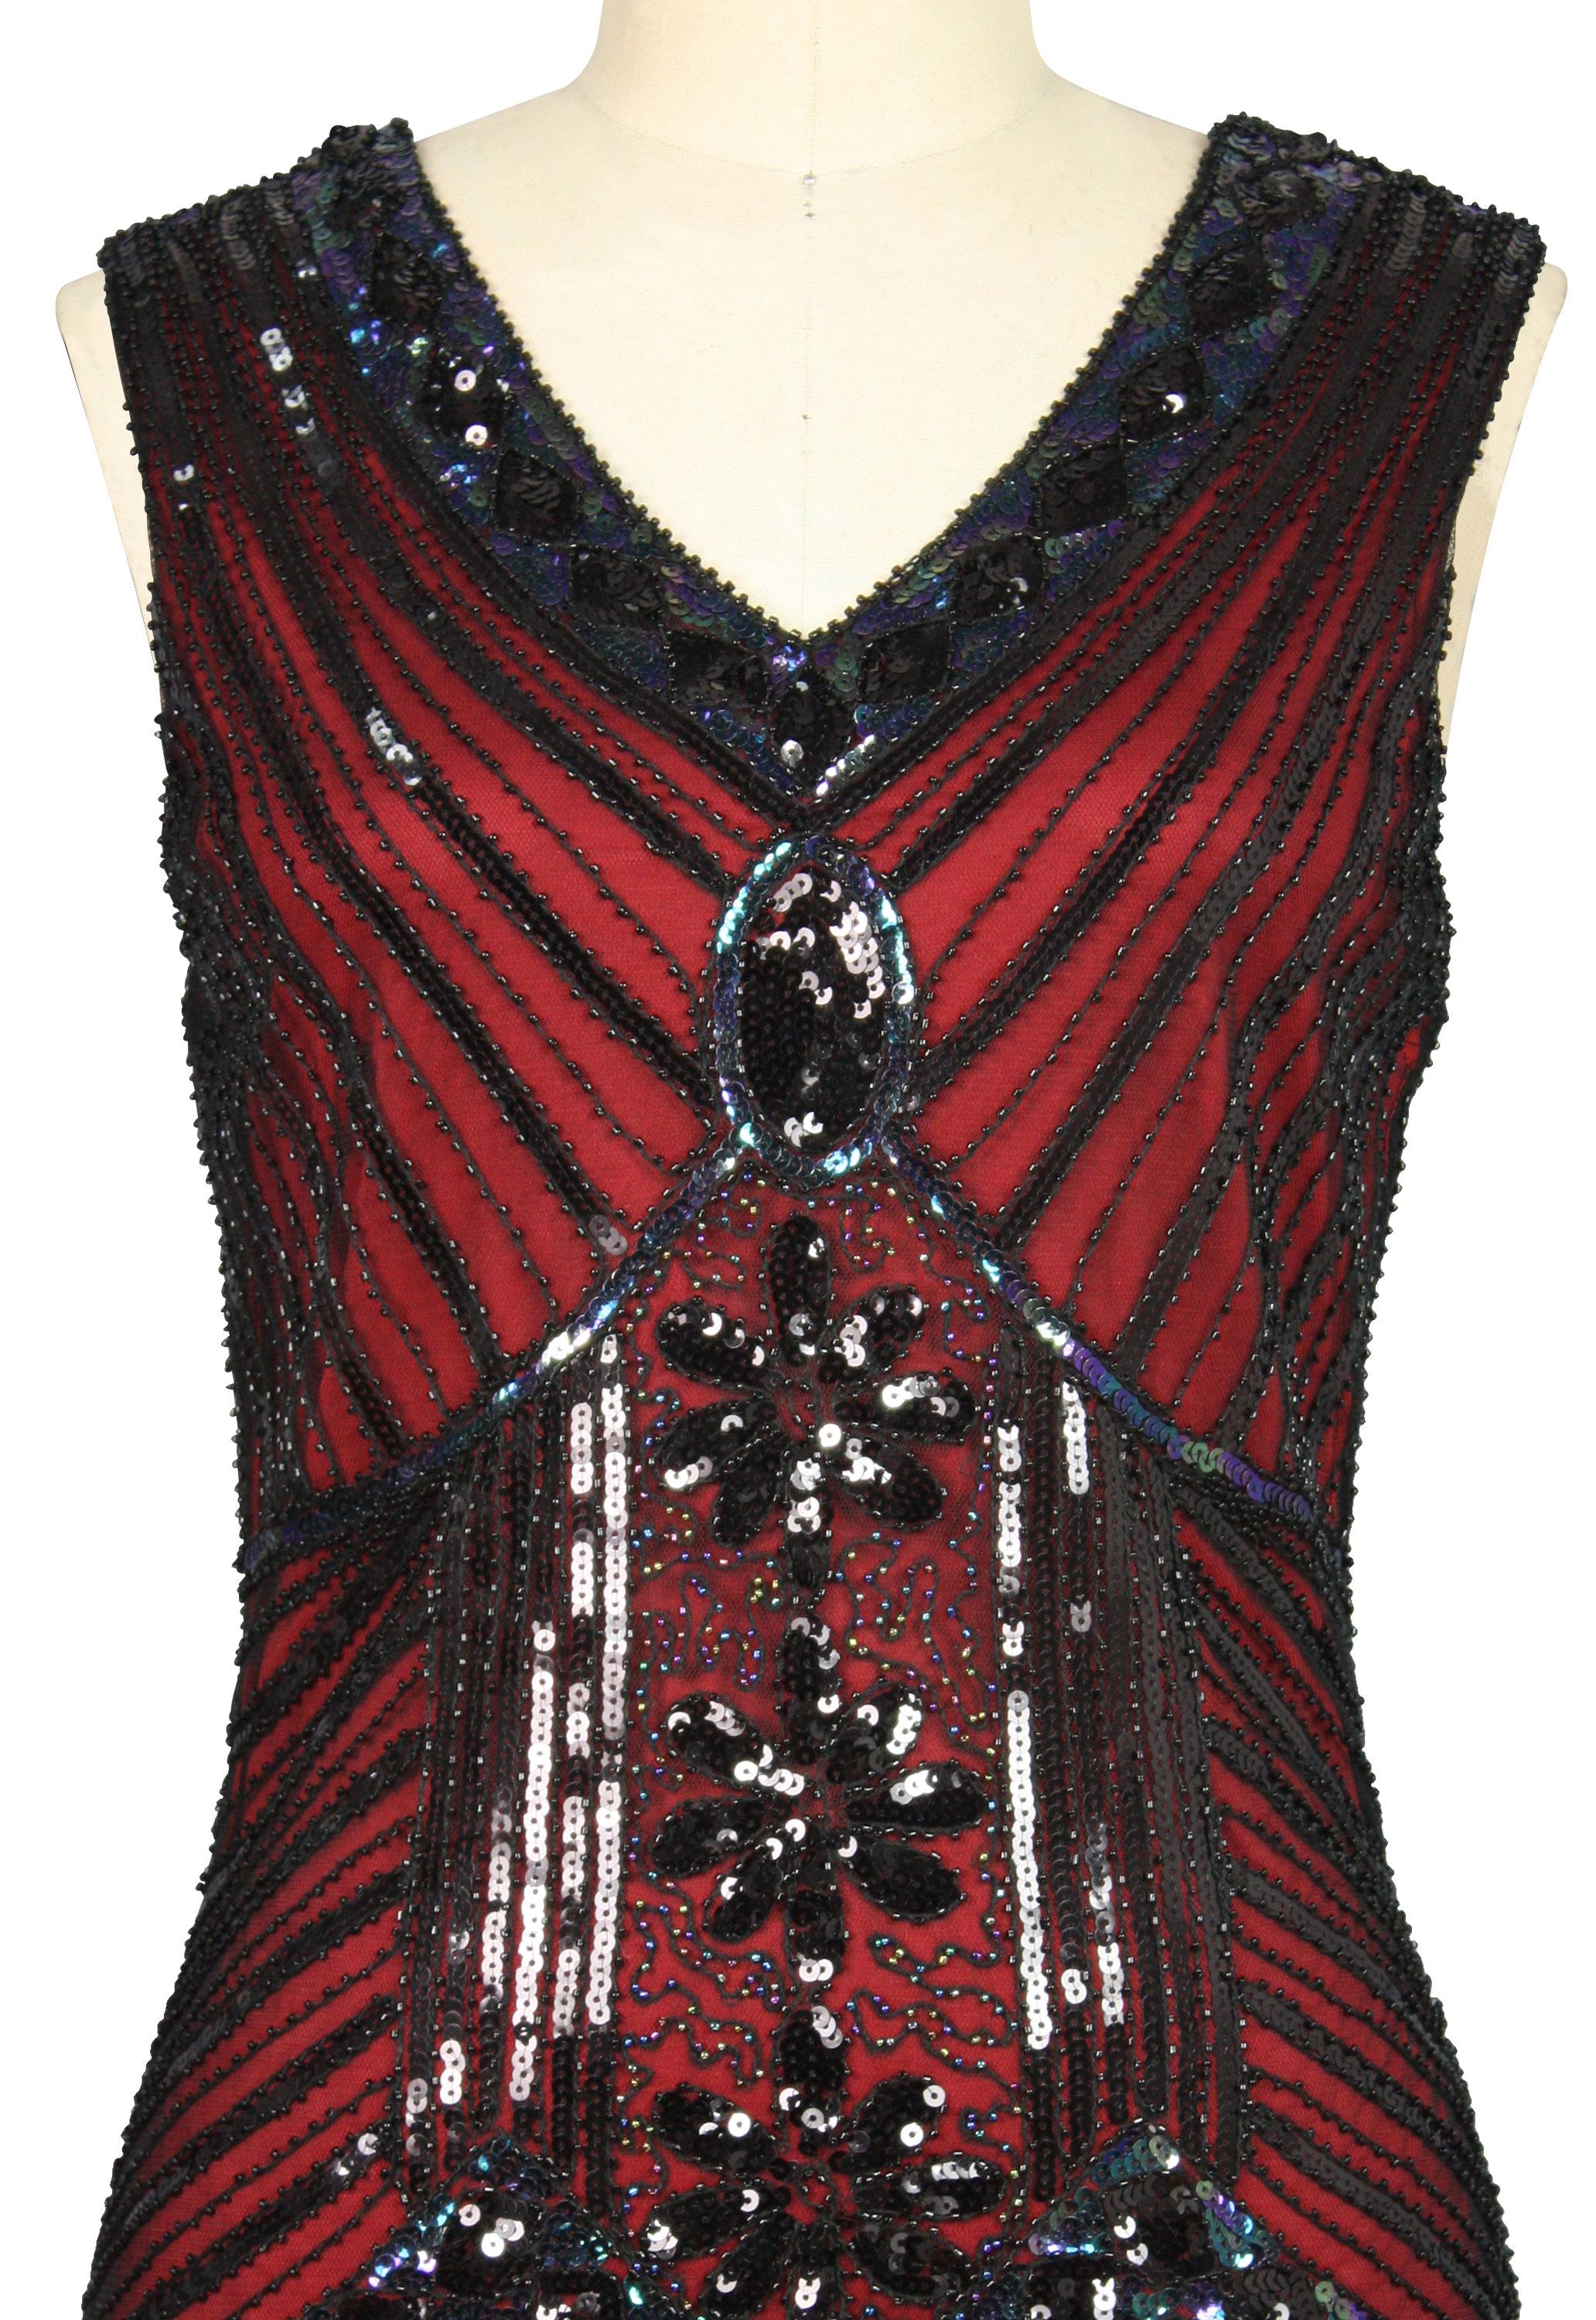 8398/8399 Dress